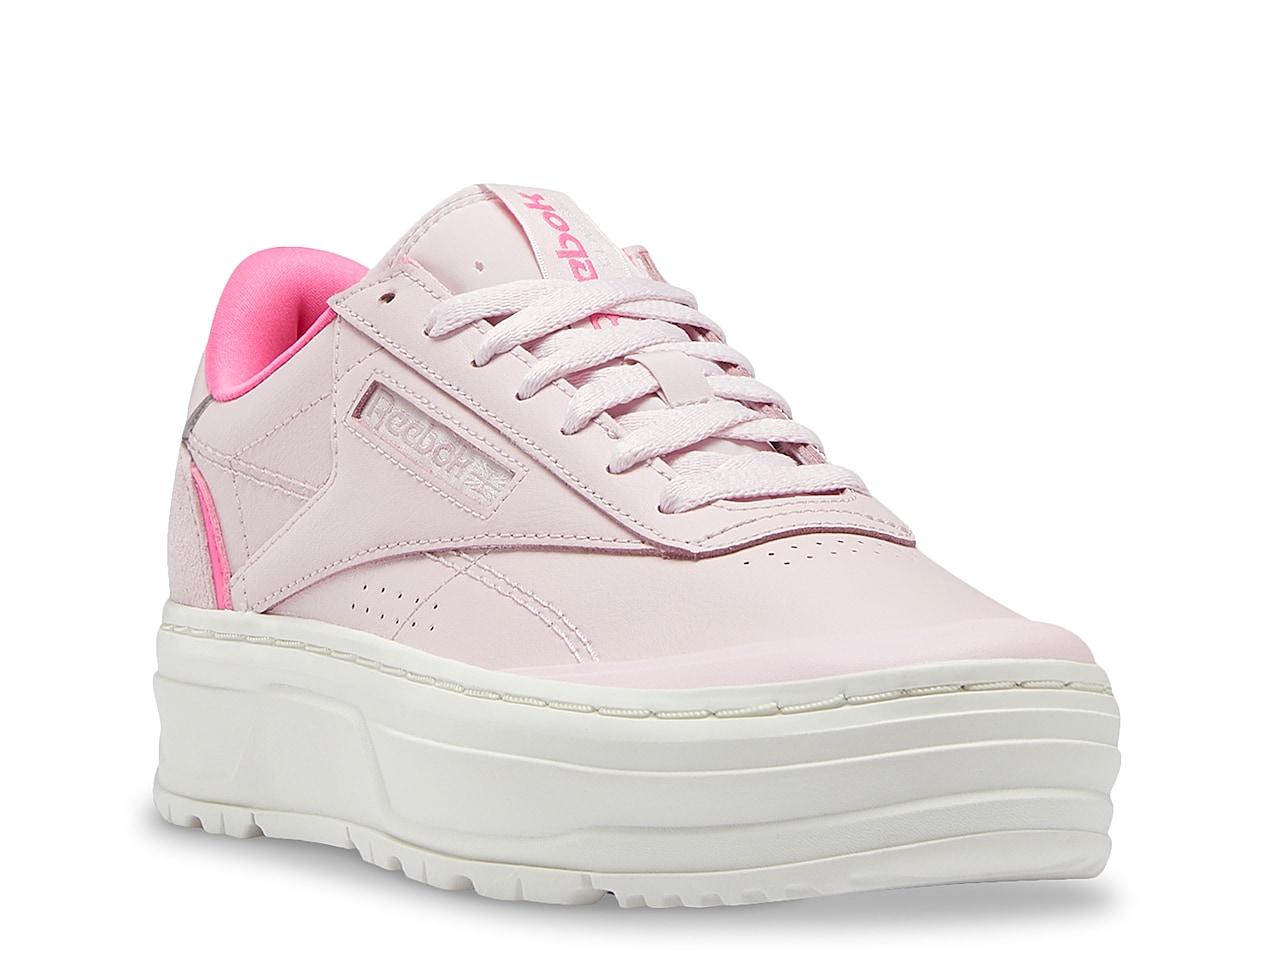 Reebok Club C Double GEO Platform Sneaker - Women's